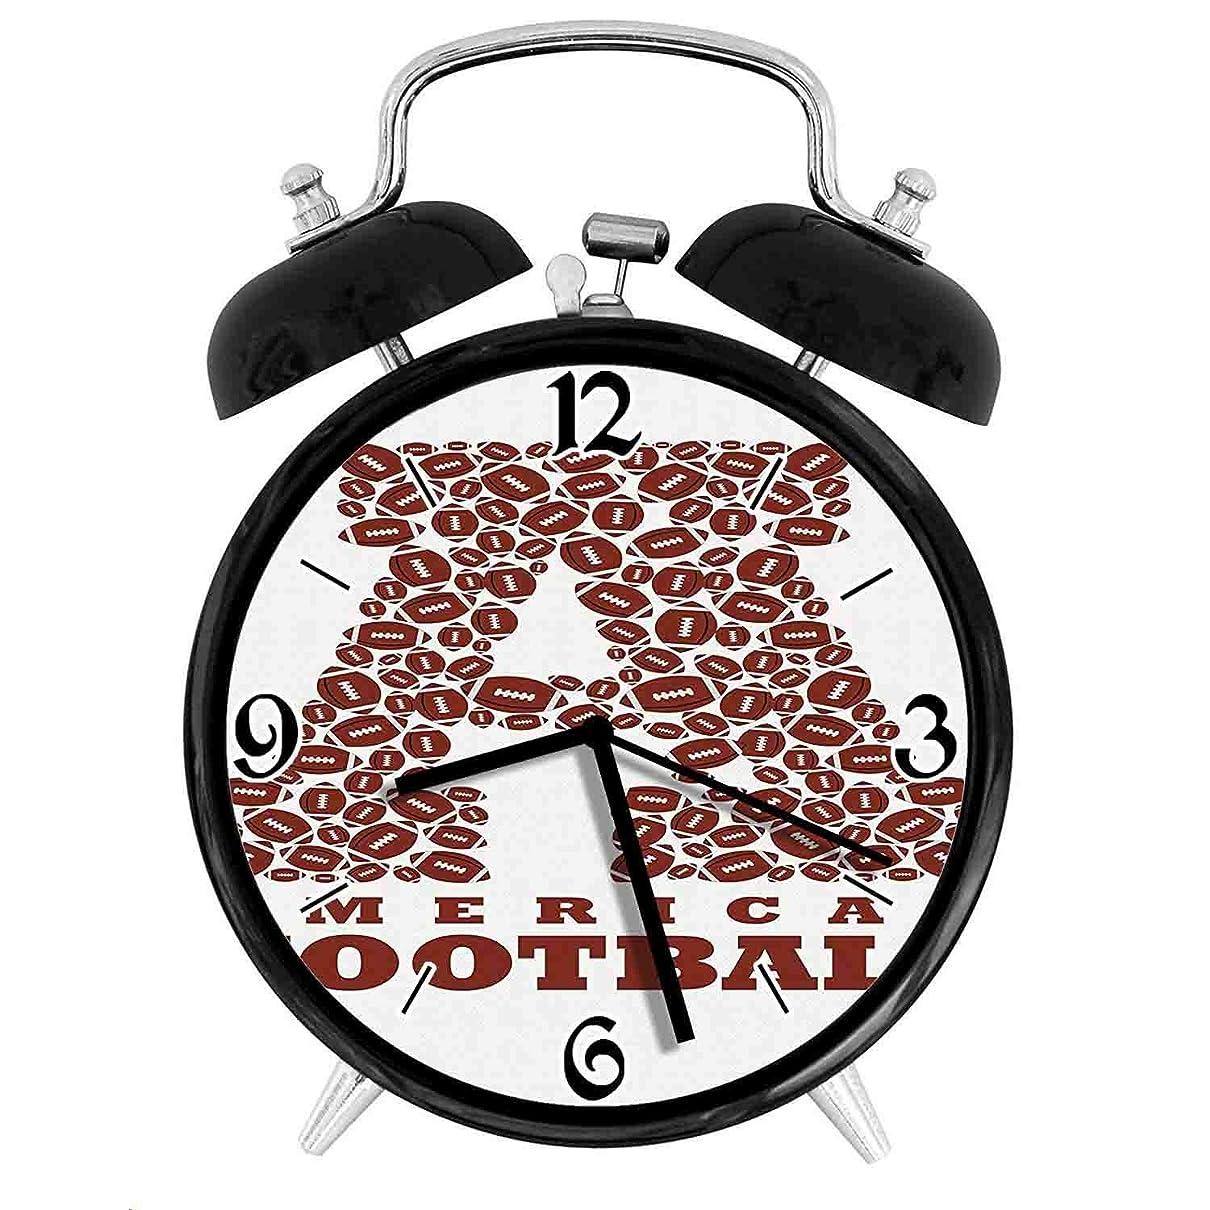 流行露提供された210STAR-アメリカンフットボールでのアルファベットの形の最初の文字レトロで個性あふれる、家やオフィス用の大きなウェイクアップの目覚まし時計、直径9.5センチ